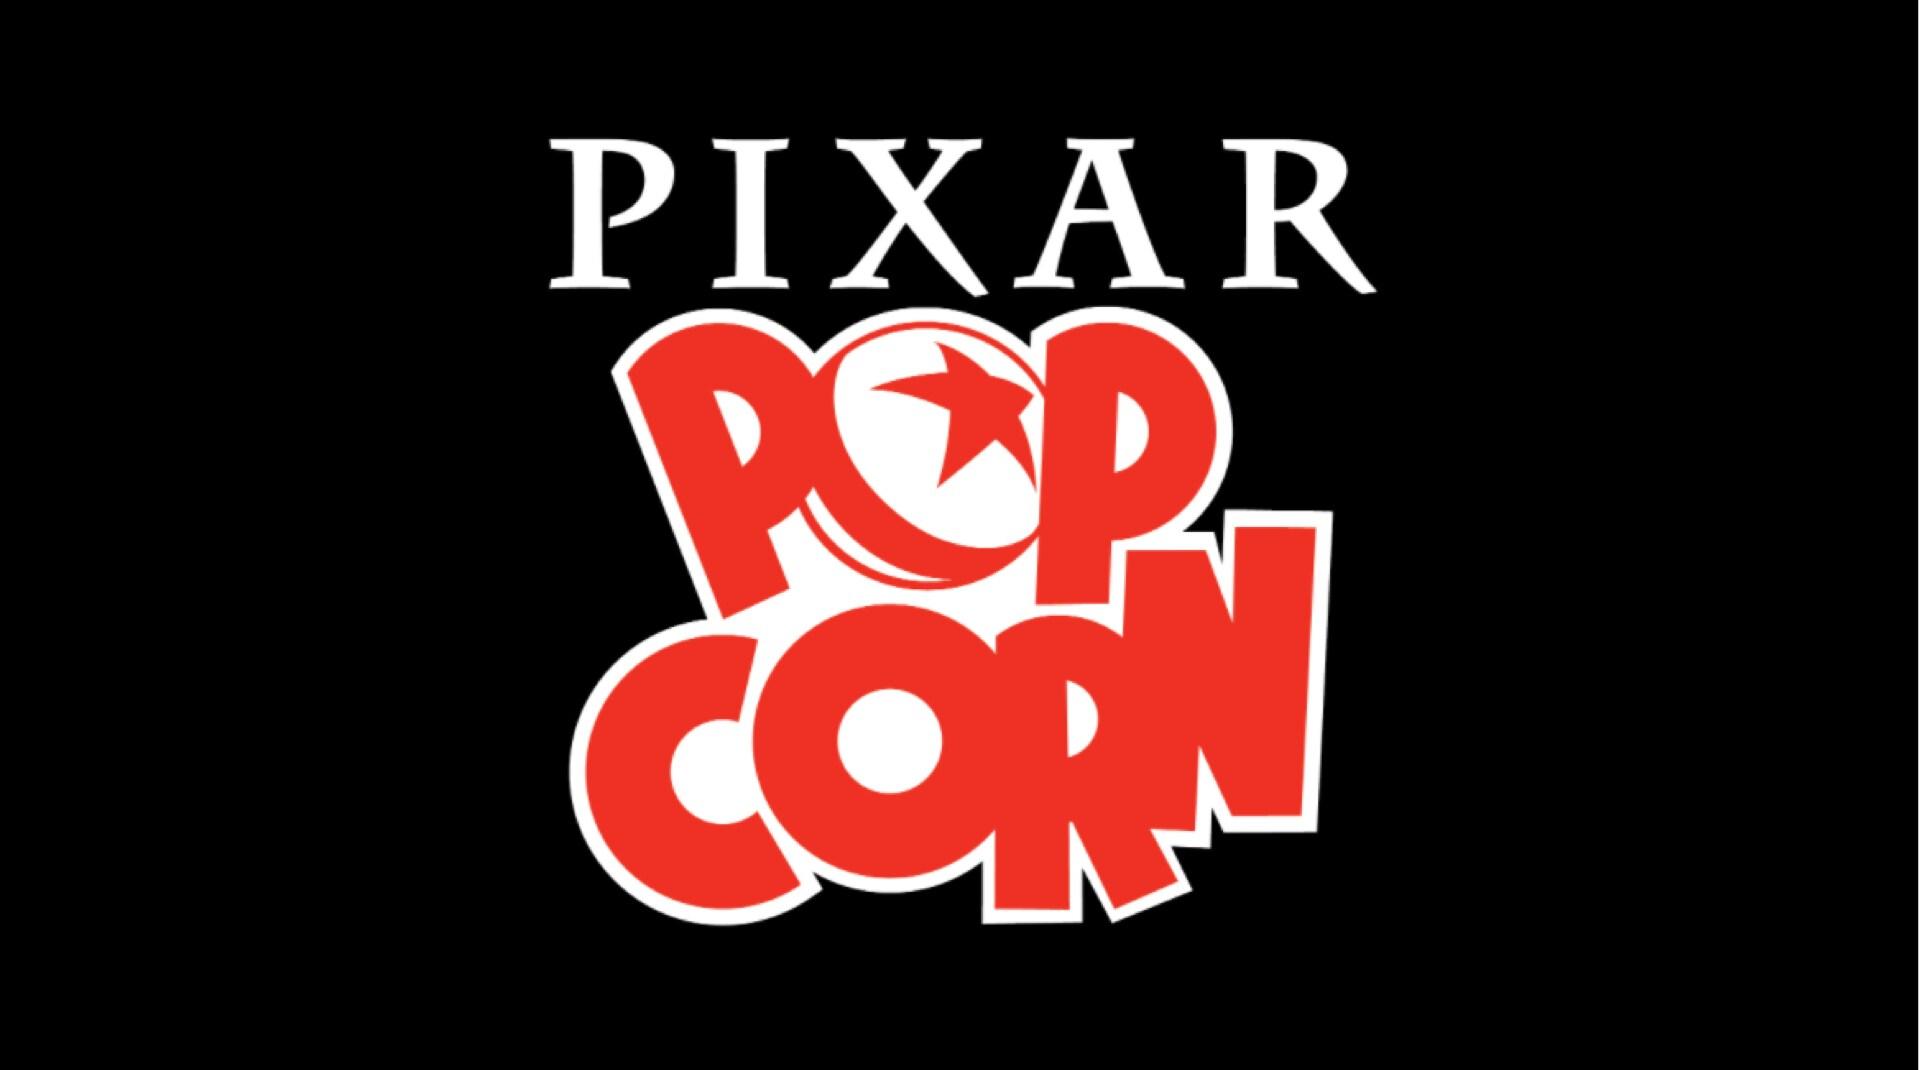 A still from Pixar Popcorn